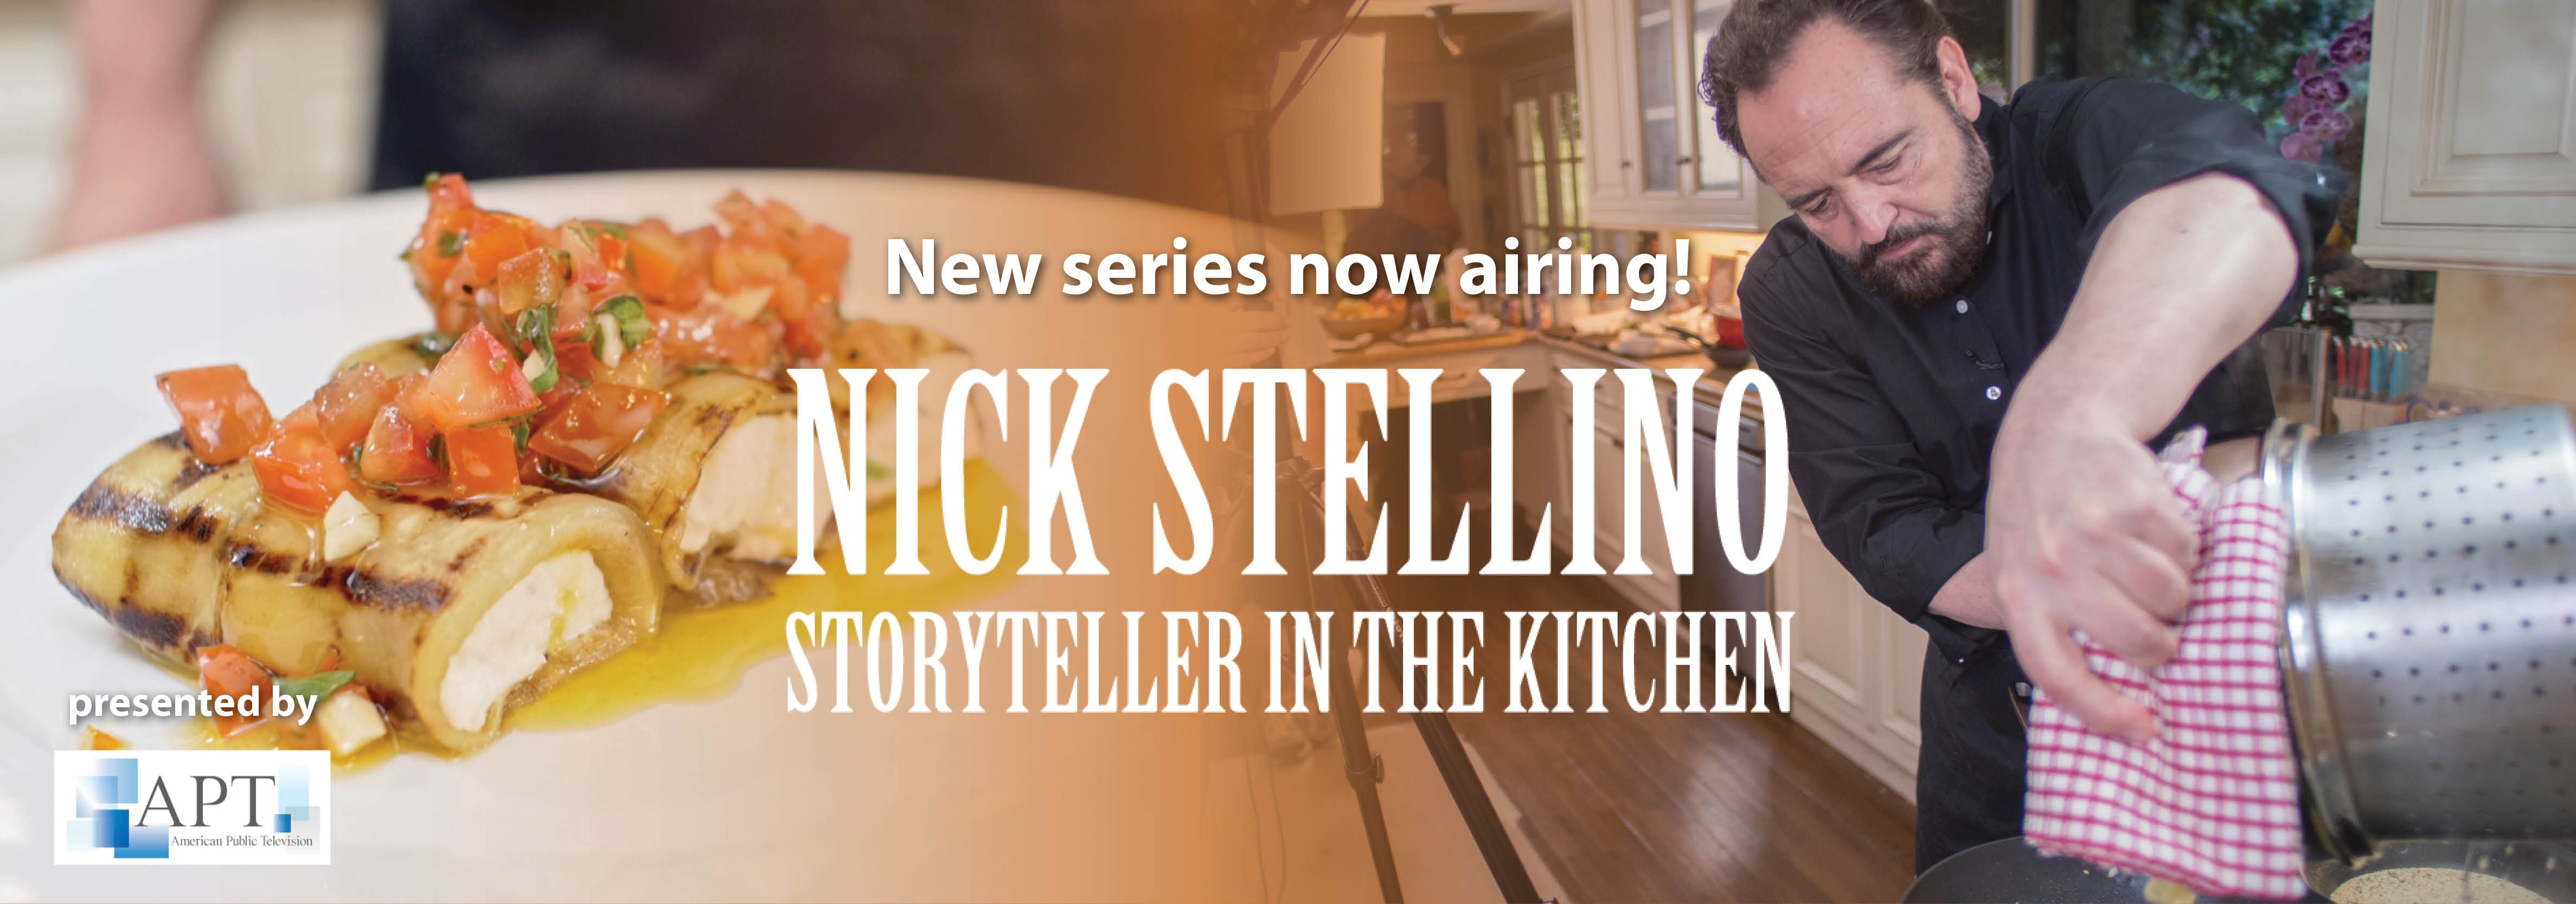 Nick Stellino Show Sliders2